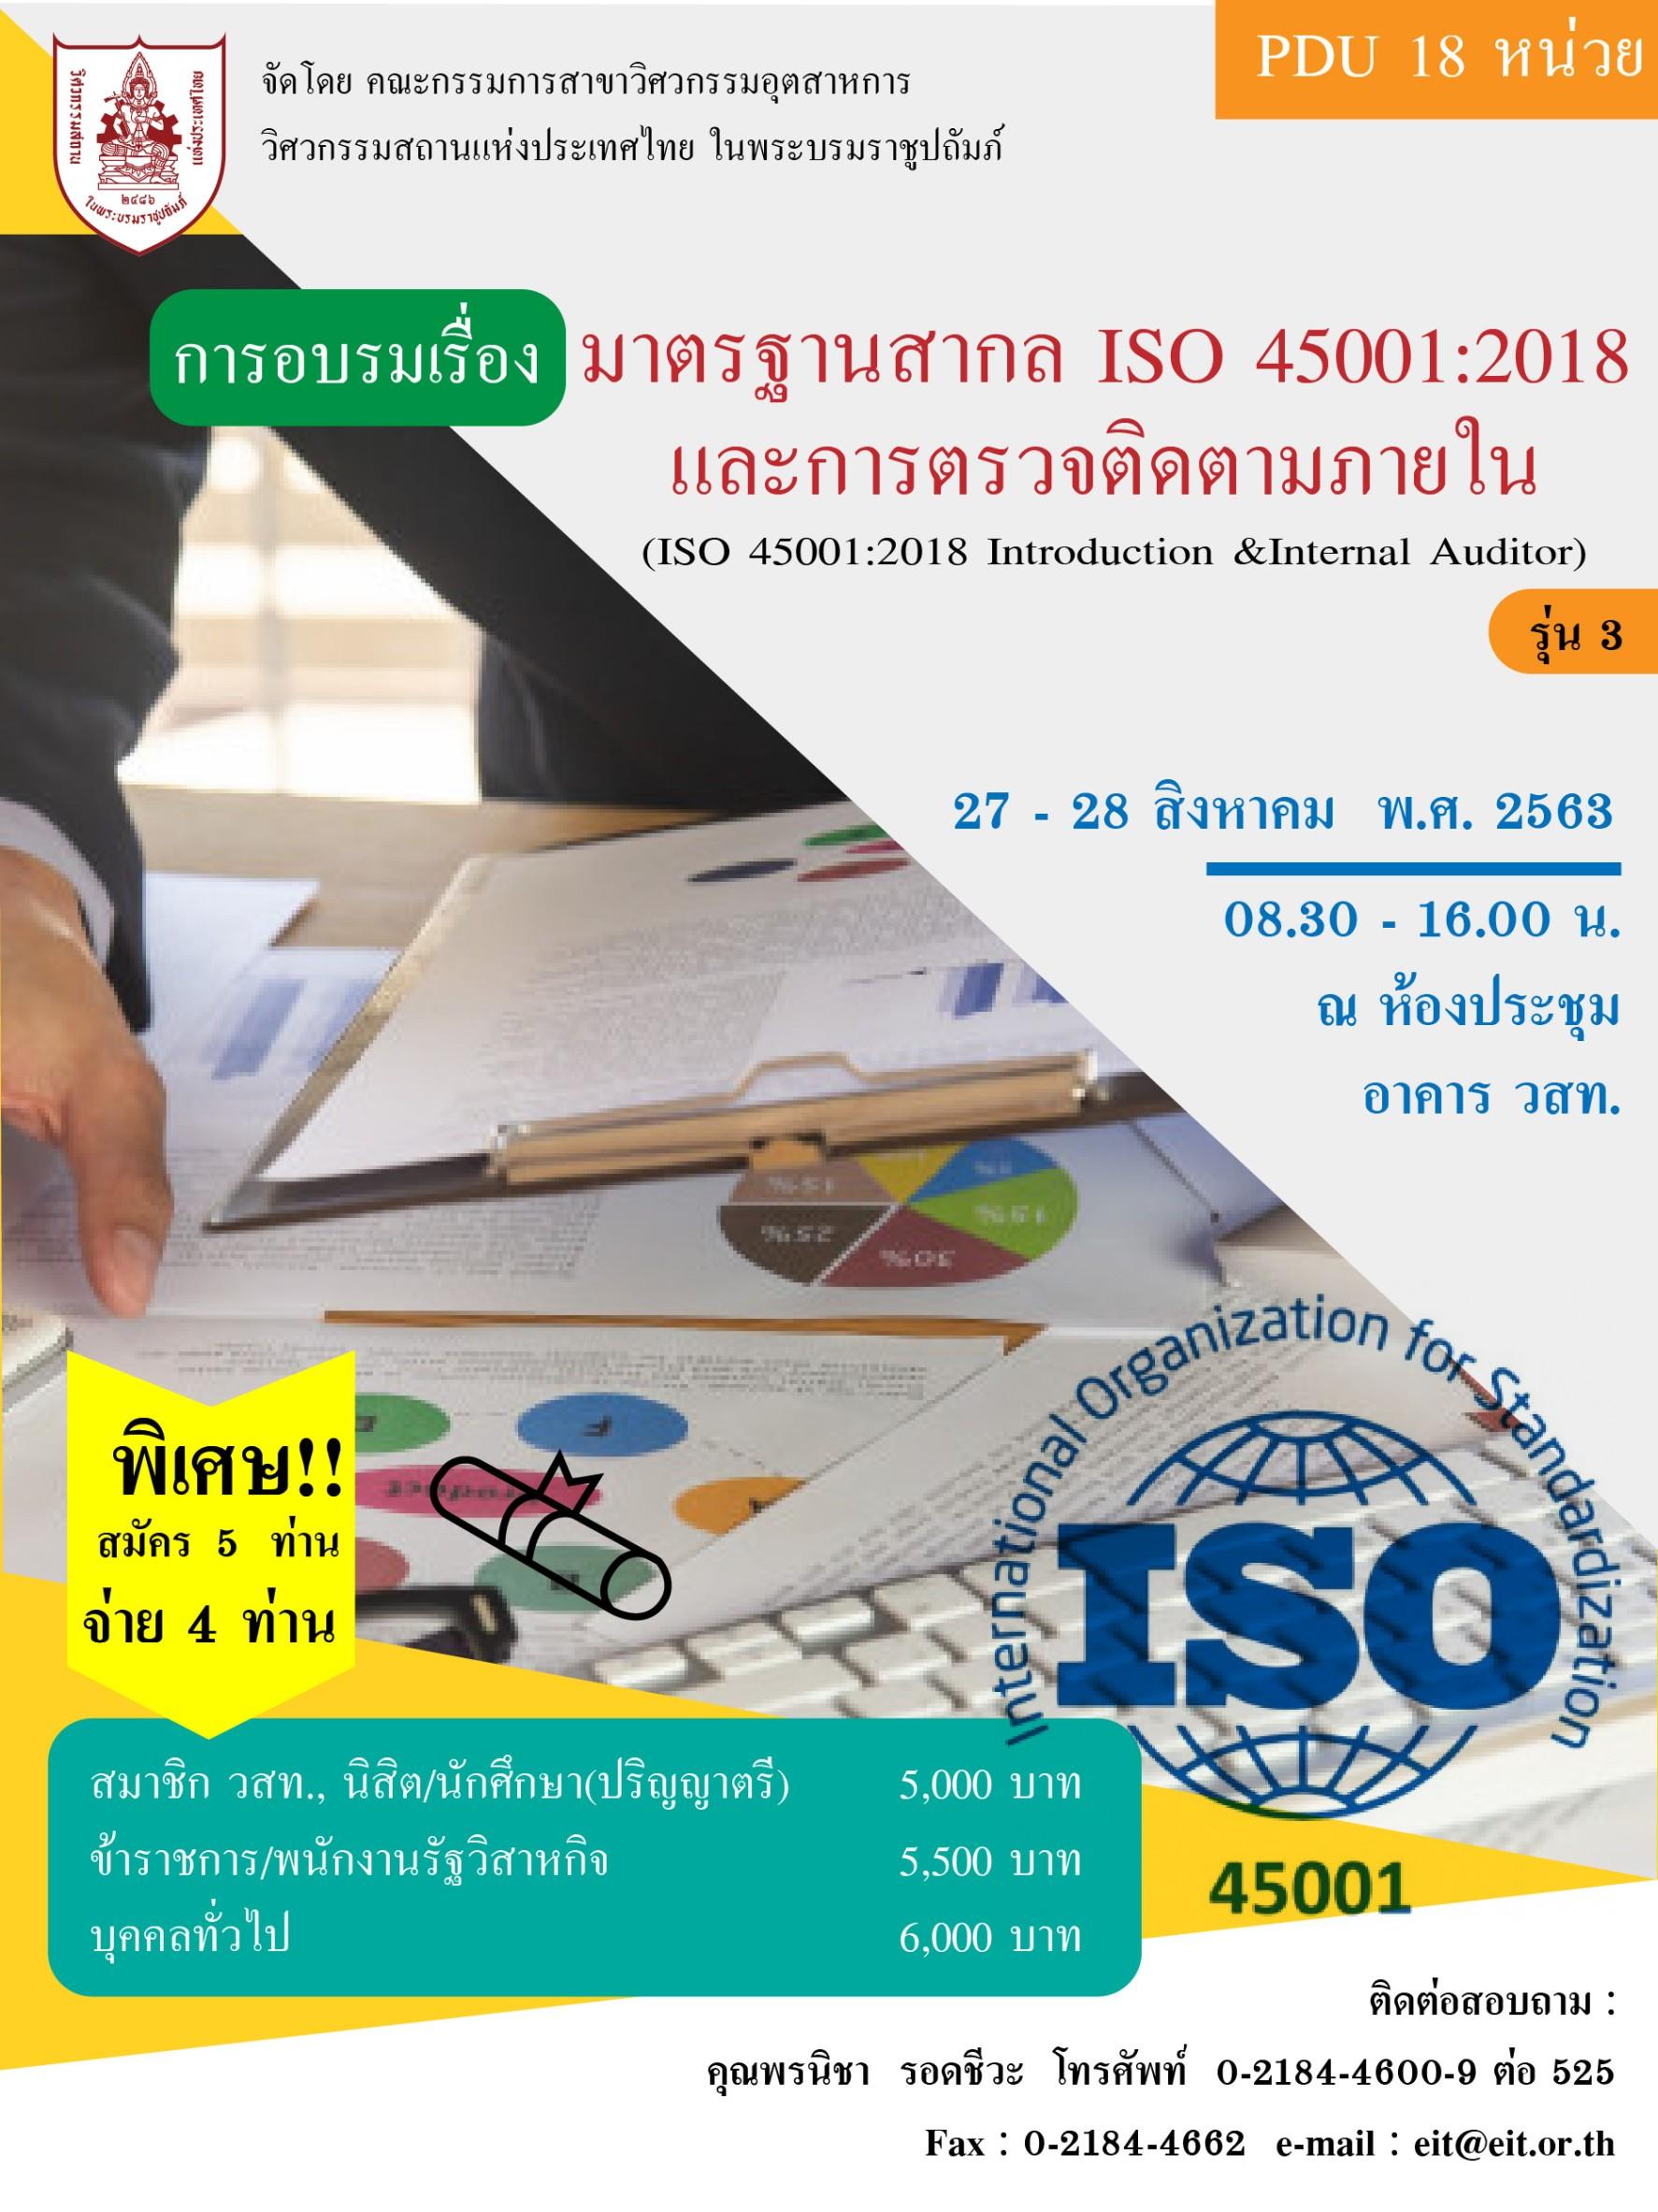 17-18 ธ.ค. 2563 มาตรฐานสากล ISO 45001:2018 และ การตรวจติดตามภายใน  ( ISO 45001:2018 Introduction & Internal Auditor ) รุ่นที่ 3